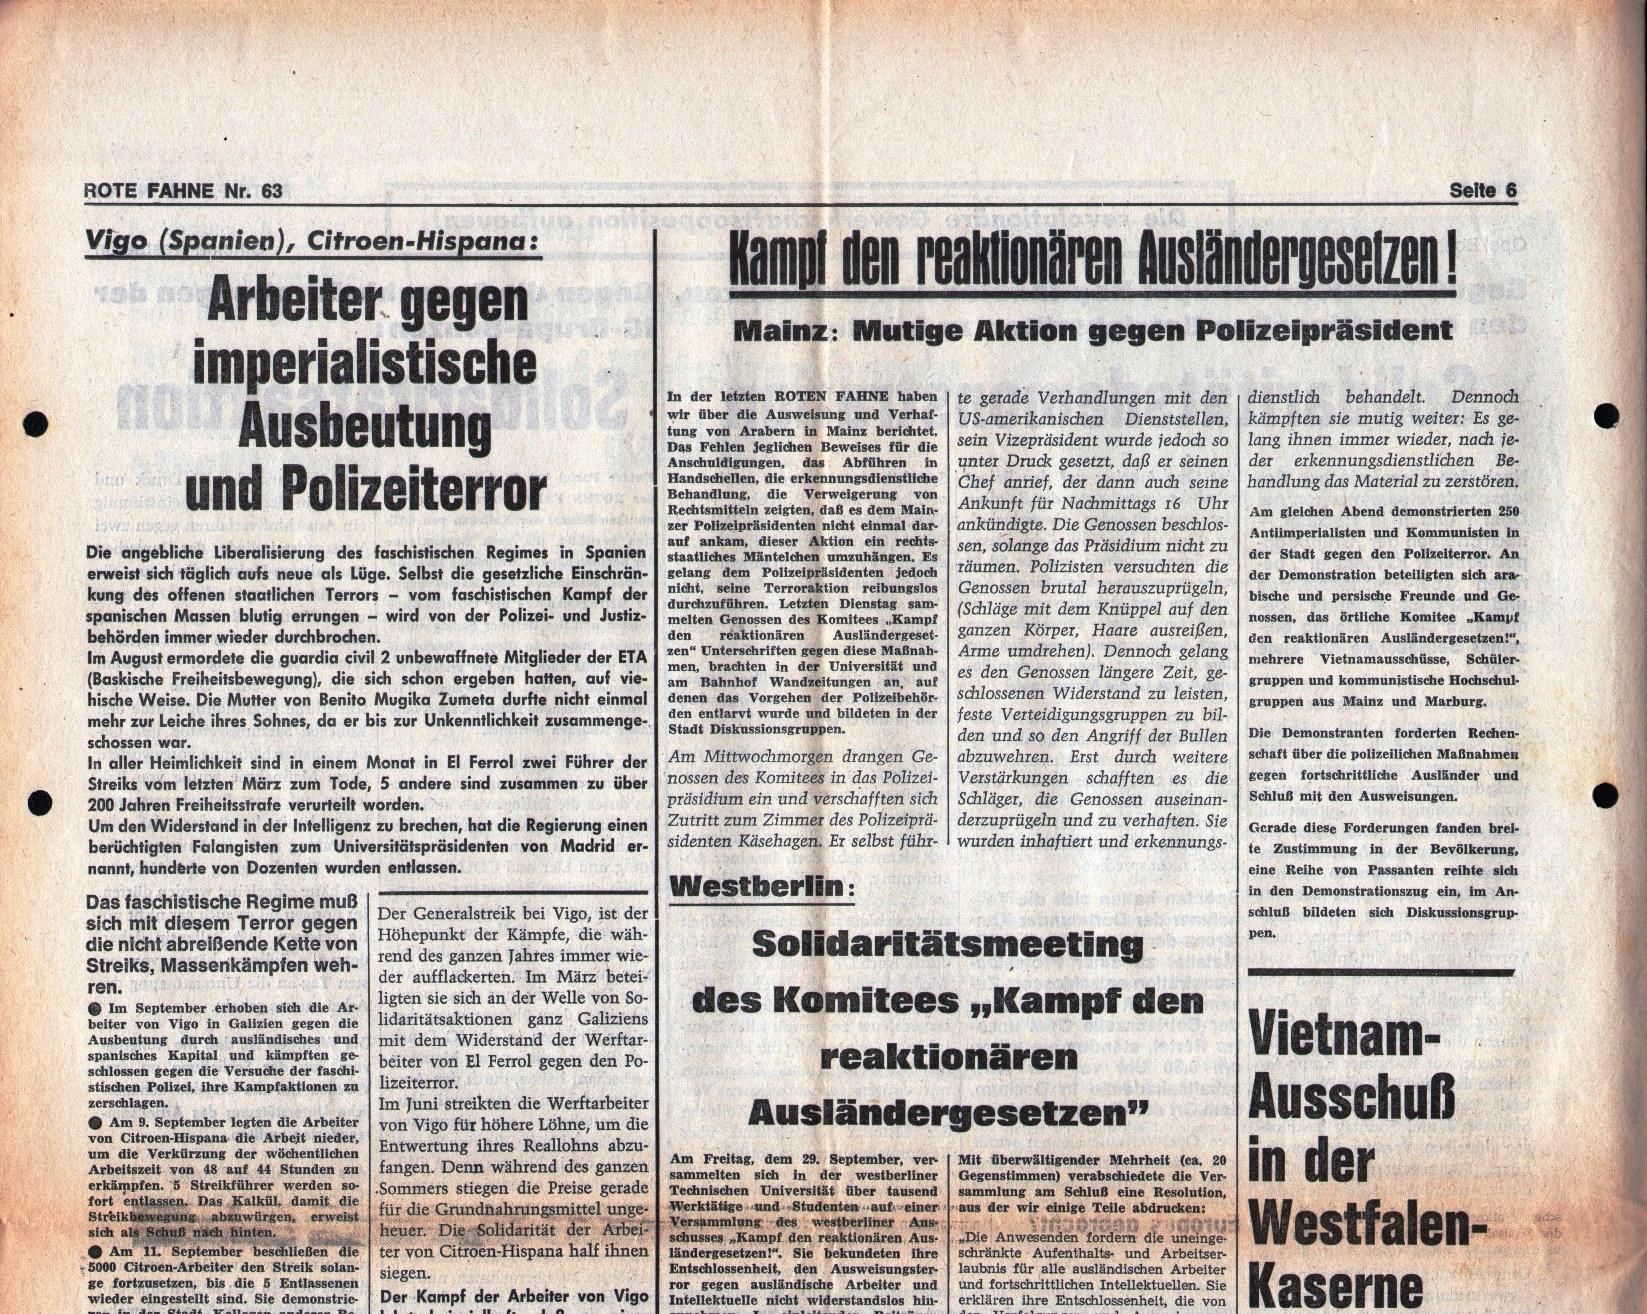 KPD_Rote_Fahne_1972_63_11